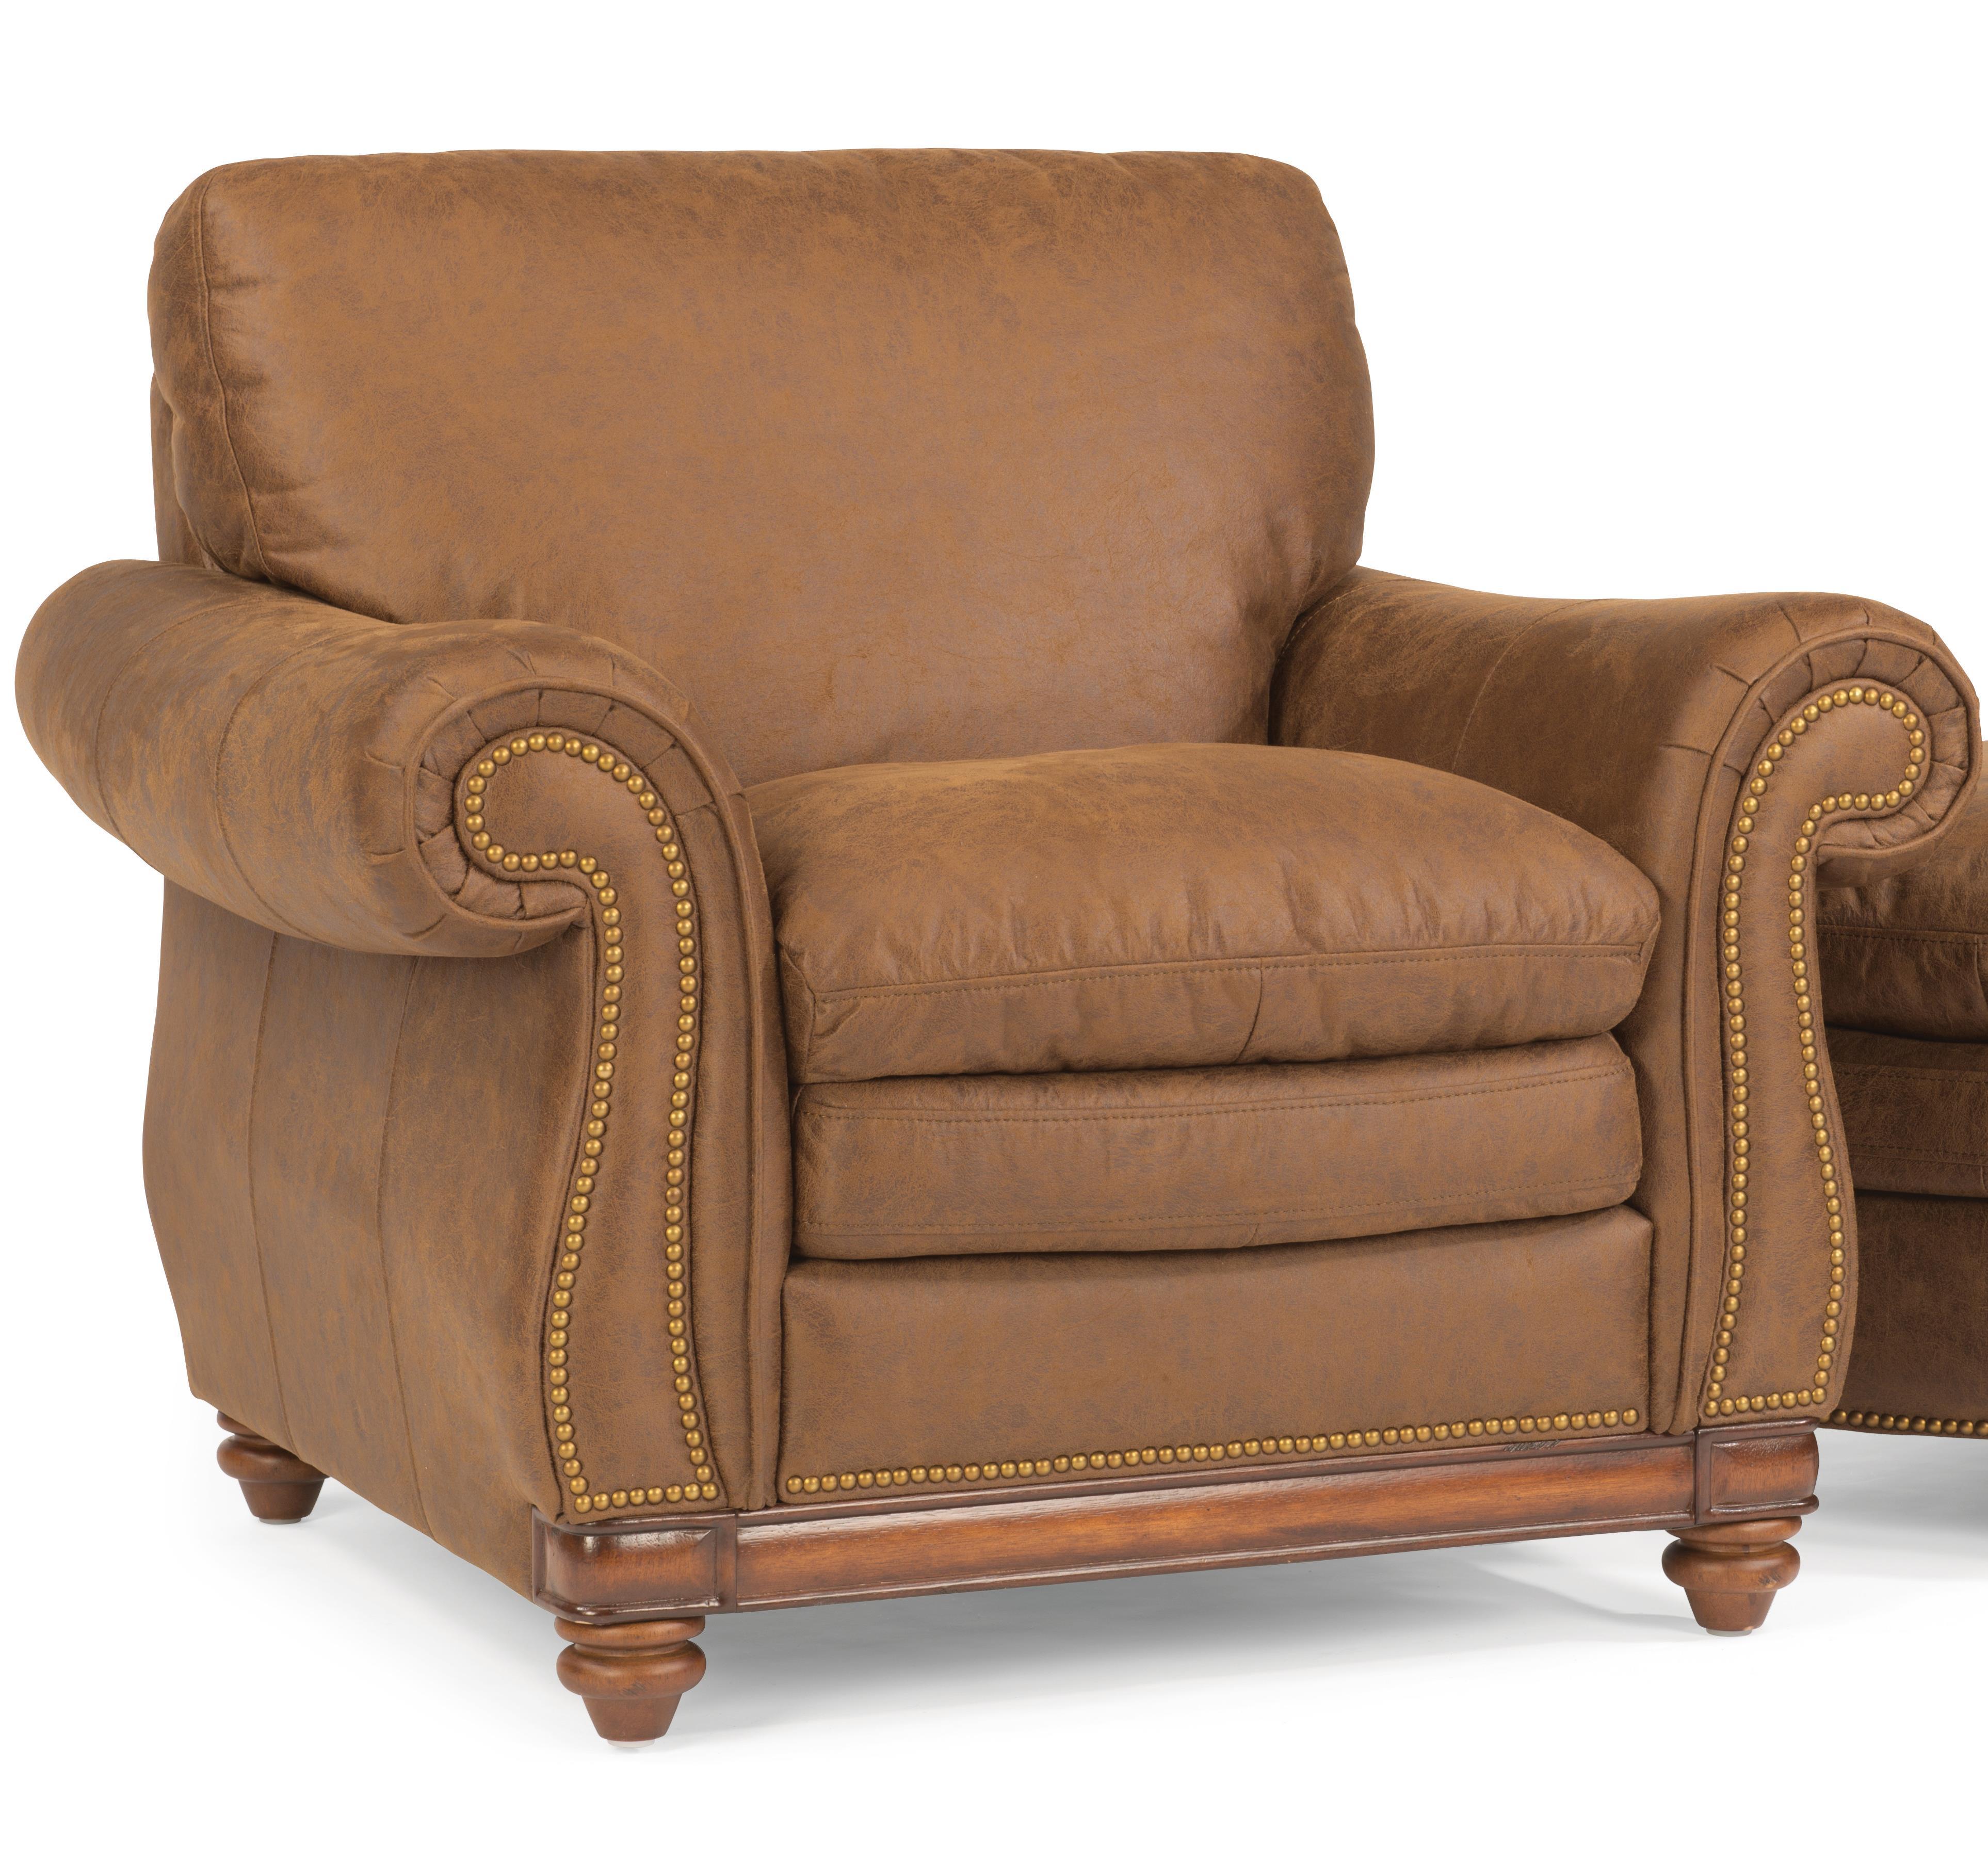 Flexsteel Belvedere Chair - Item Number: 1605-10